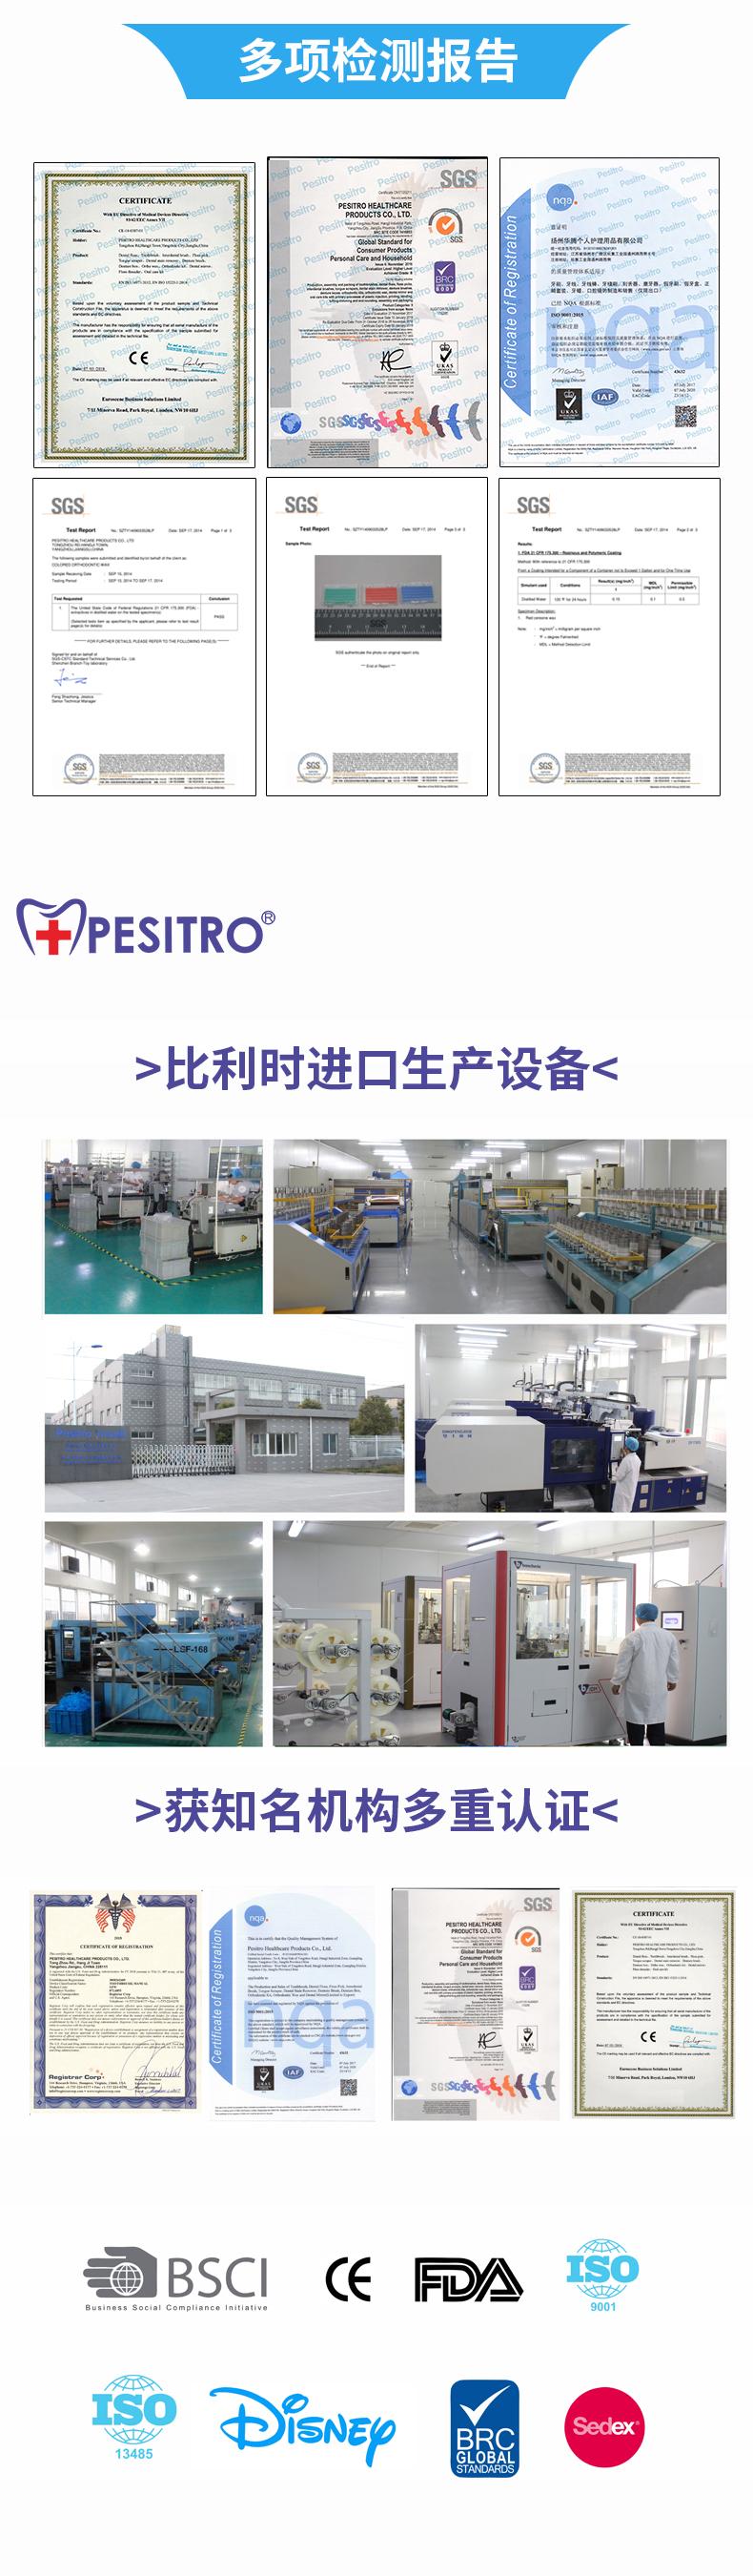 Pesitro 薄荷味 出口级超细牙线 300支 图4